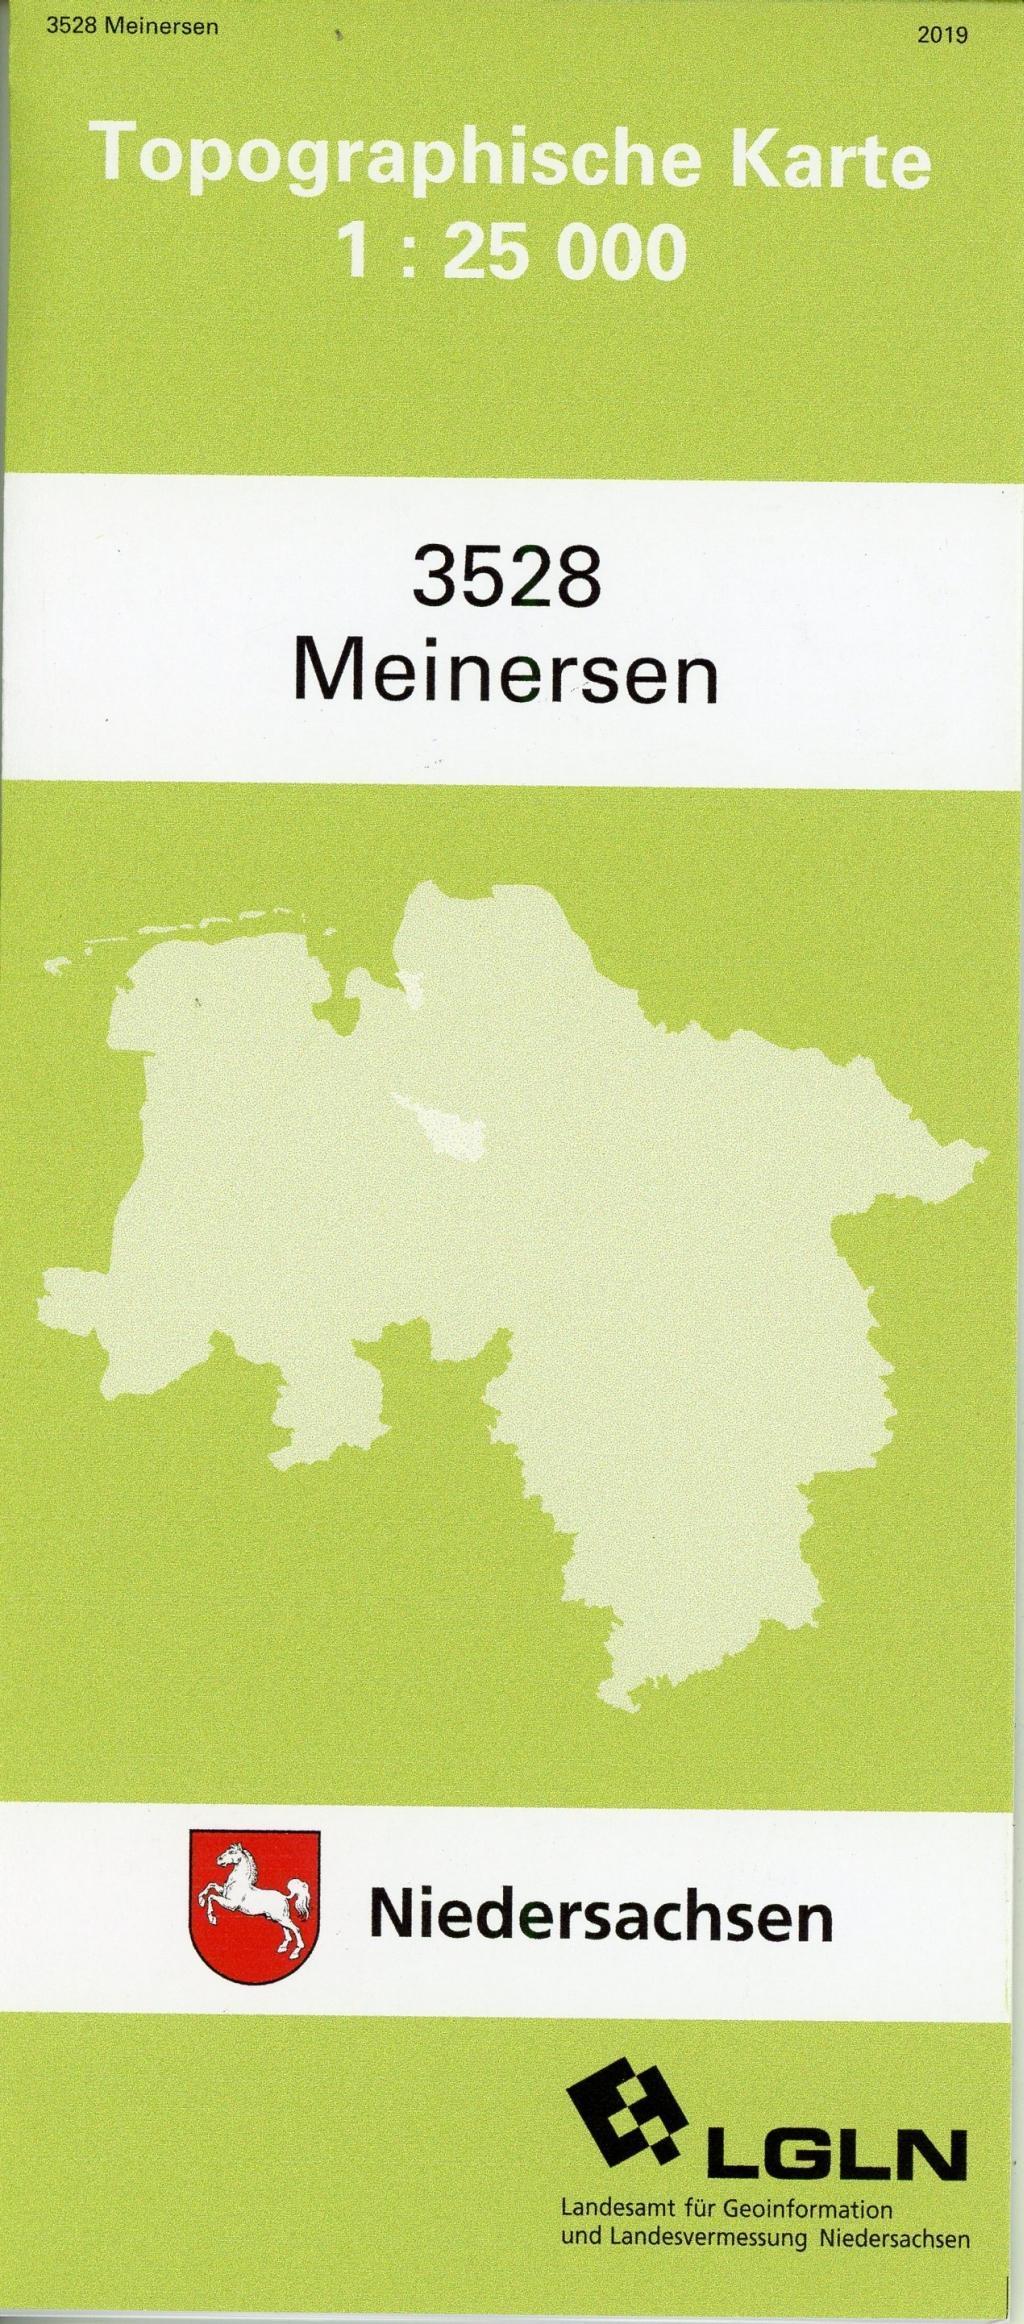 Meinersen 1 : 25 000. (TK 3528/N)  (Land-)Karte  Amtliche Karten Niedersachsen 1 : 25 000 Topographische Karten  Deutsch  2019